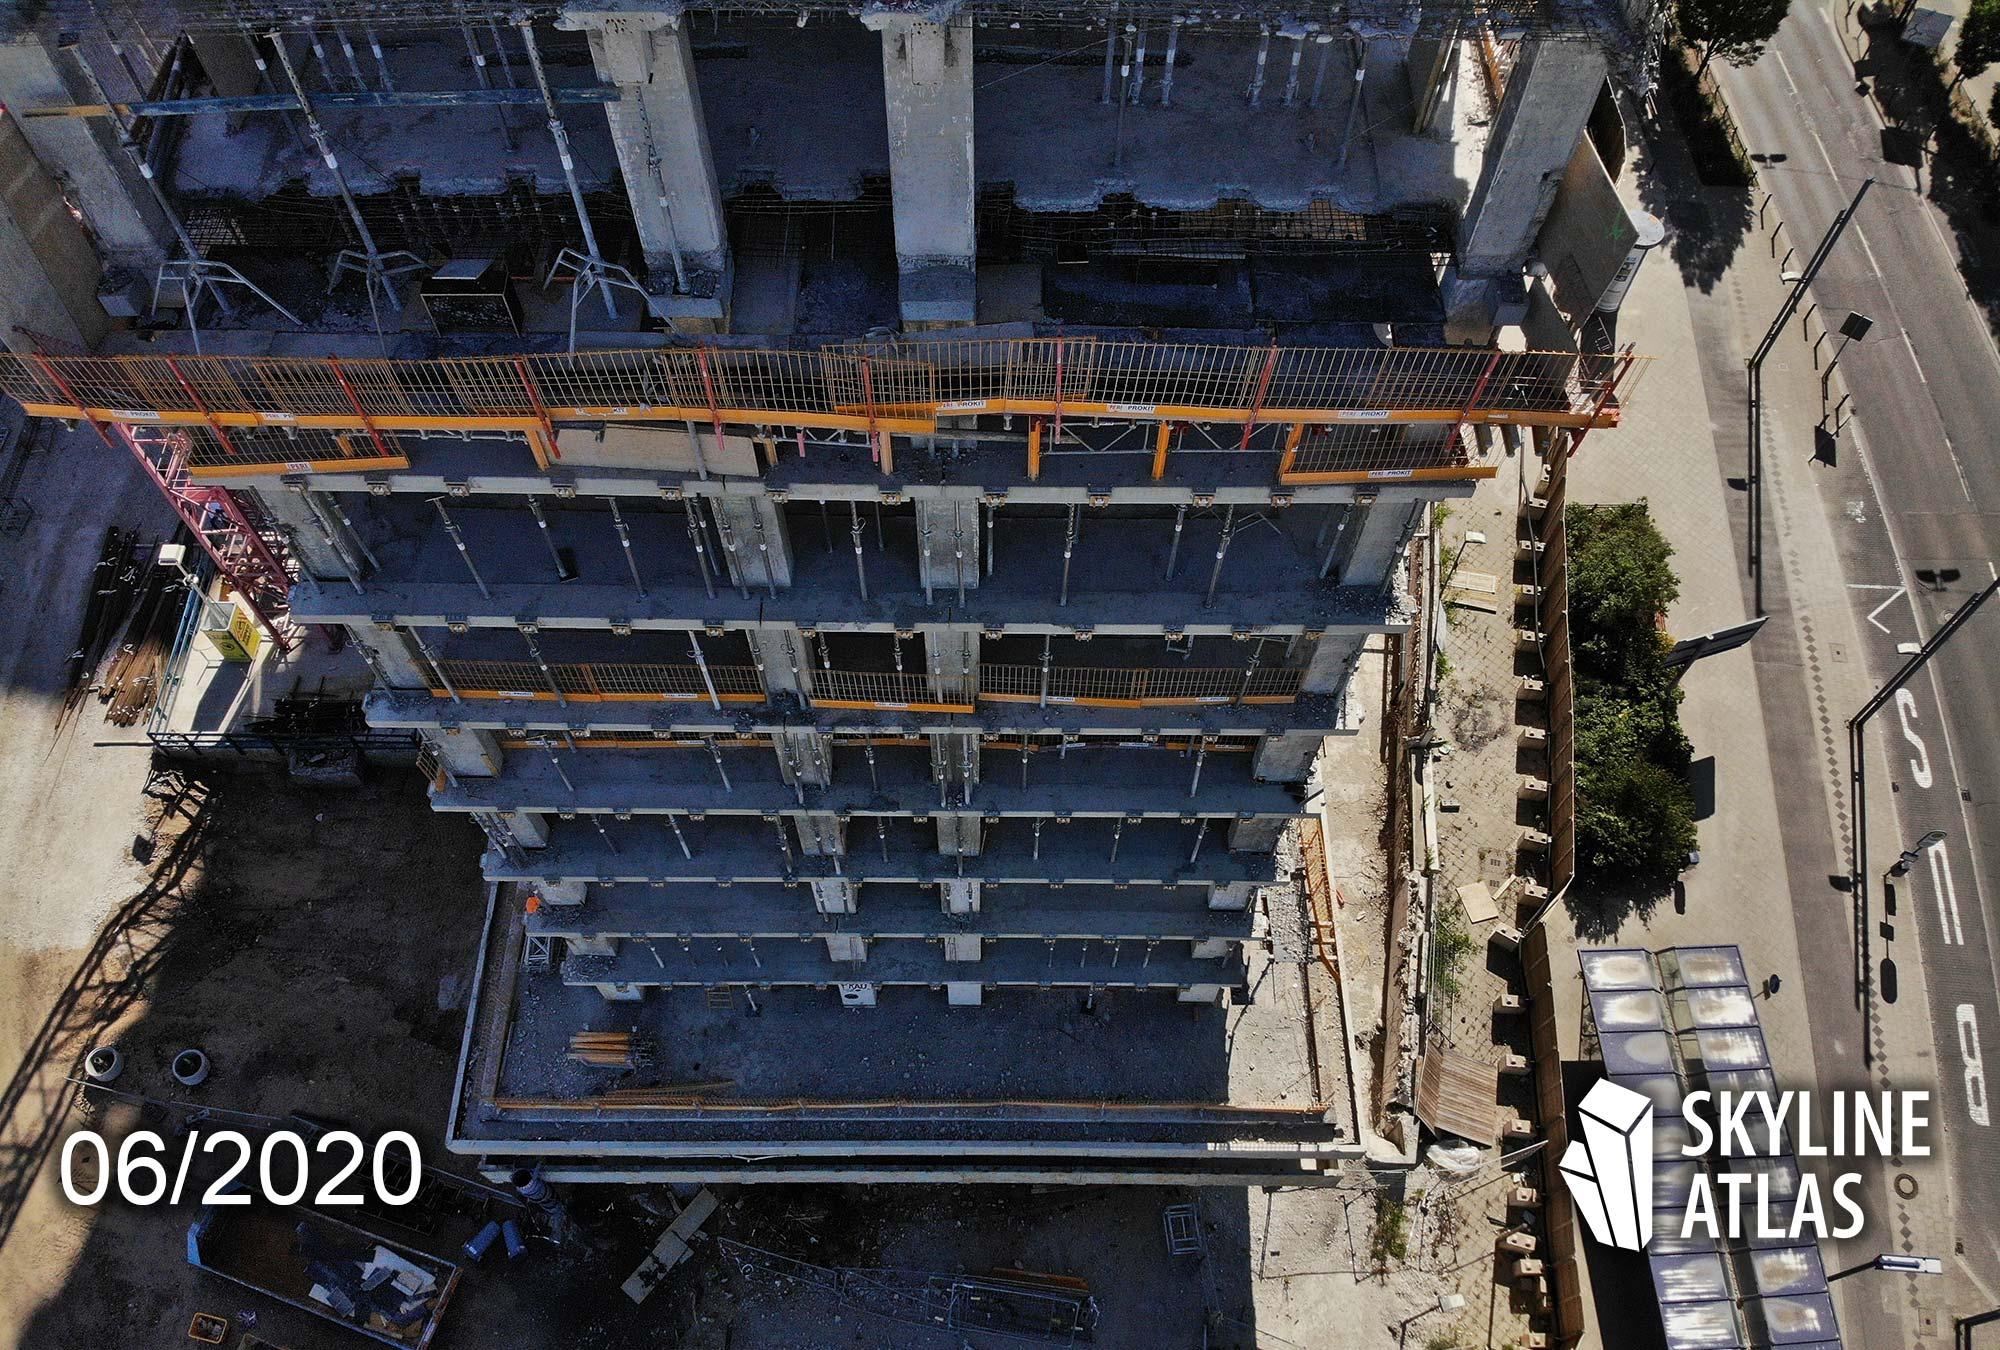 Ehemalige Siemens-Hochhäuser am Kaiserleikreisel Offenbach - New Frankfurt Tower Fassade - Bauarbeiten im Juni 2020 - Peri Geländer